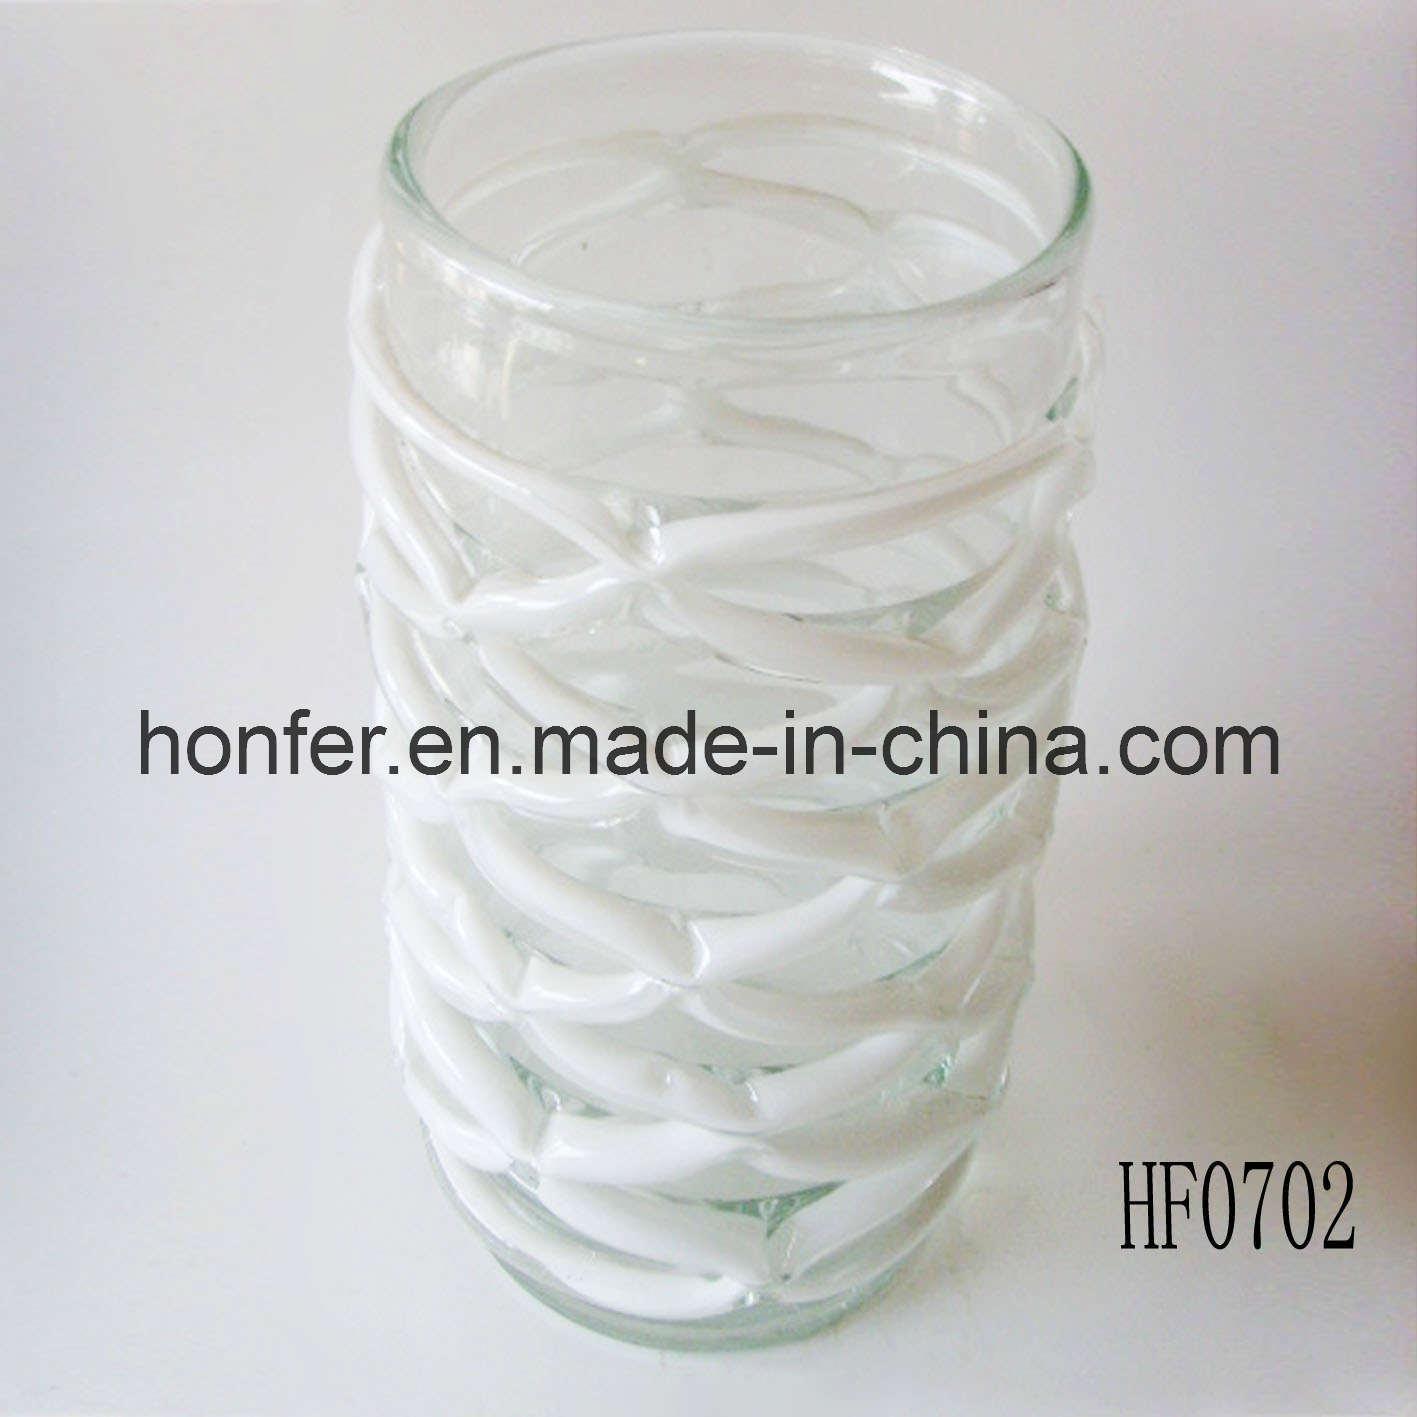 Vase en verre rond blanc hf0702 vase en verre rond blanc hf0702 fournis par qingdao honfer - Vase rond en verre ...